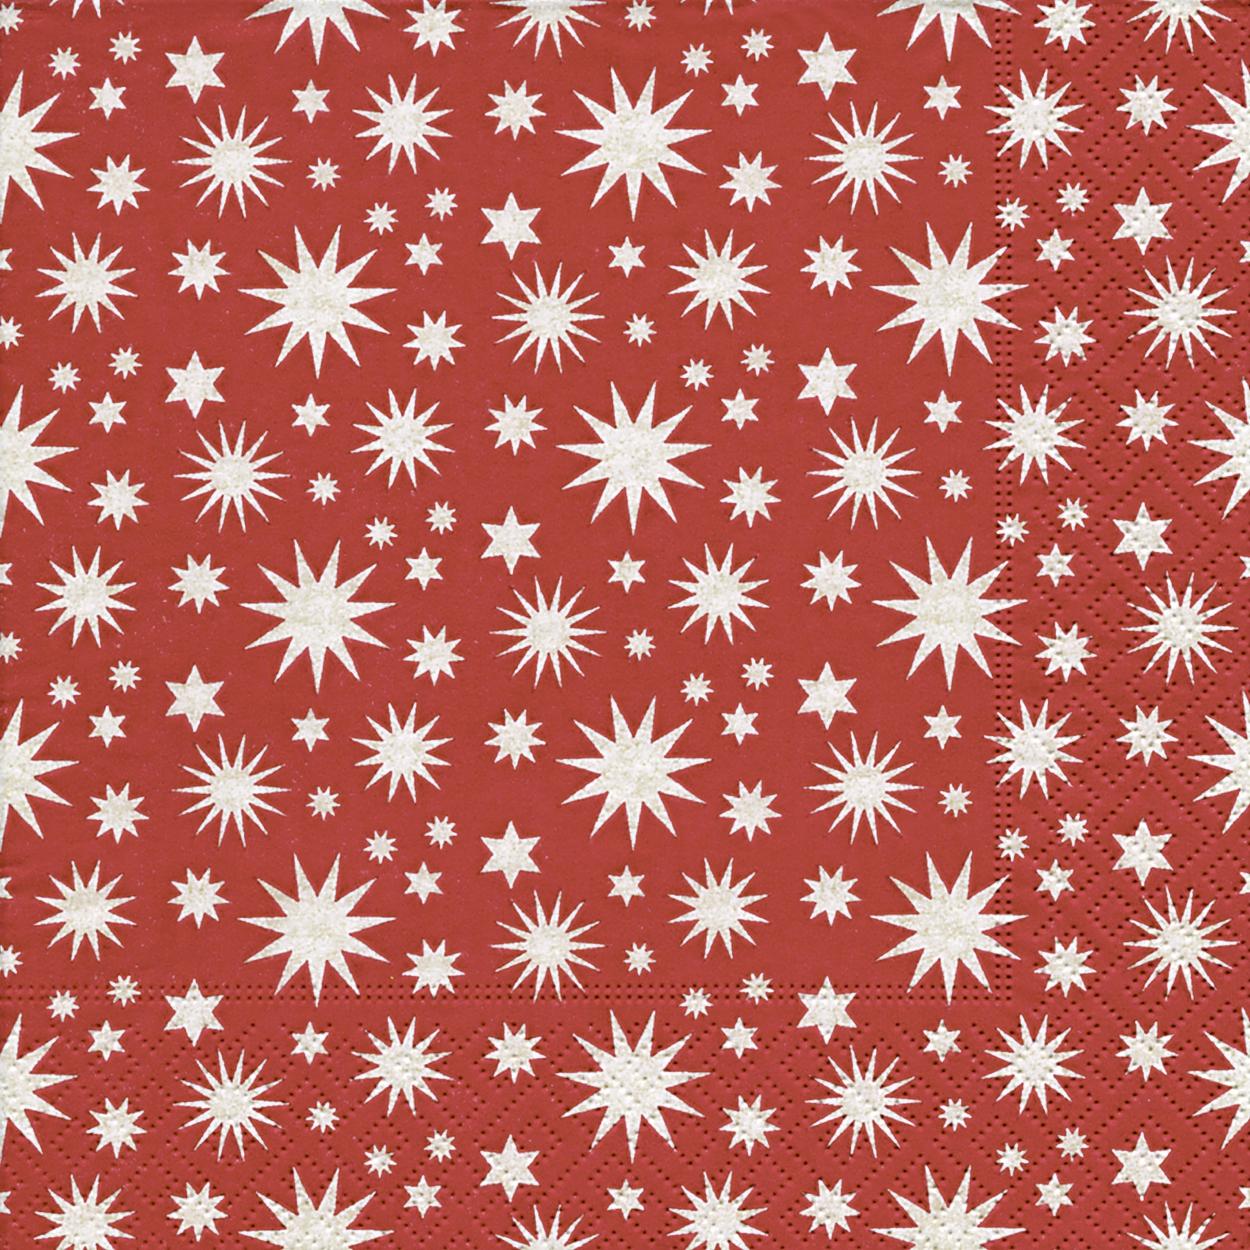 Servietten 33x33 cm - A lot of stars red